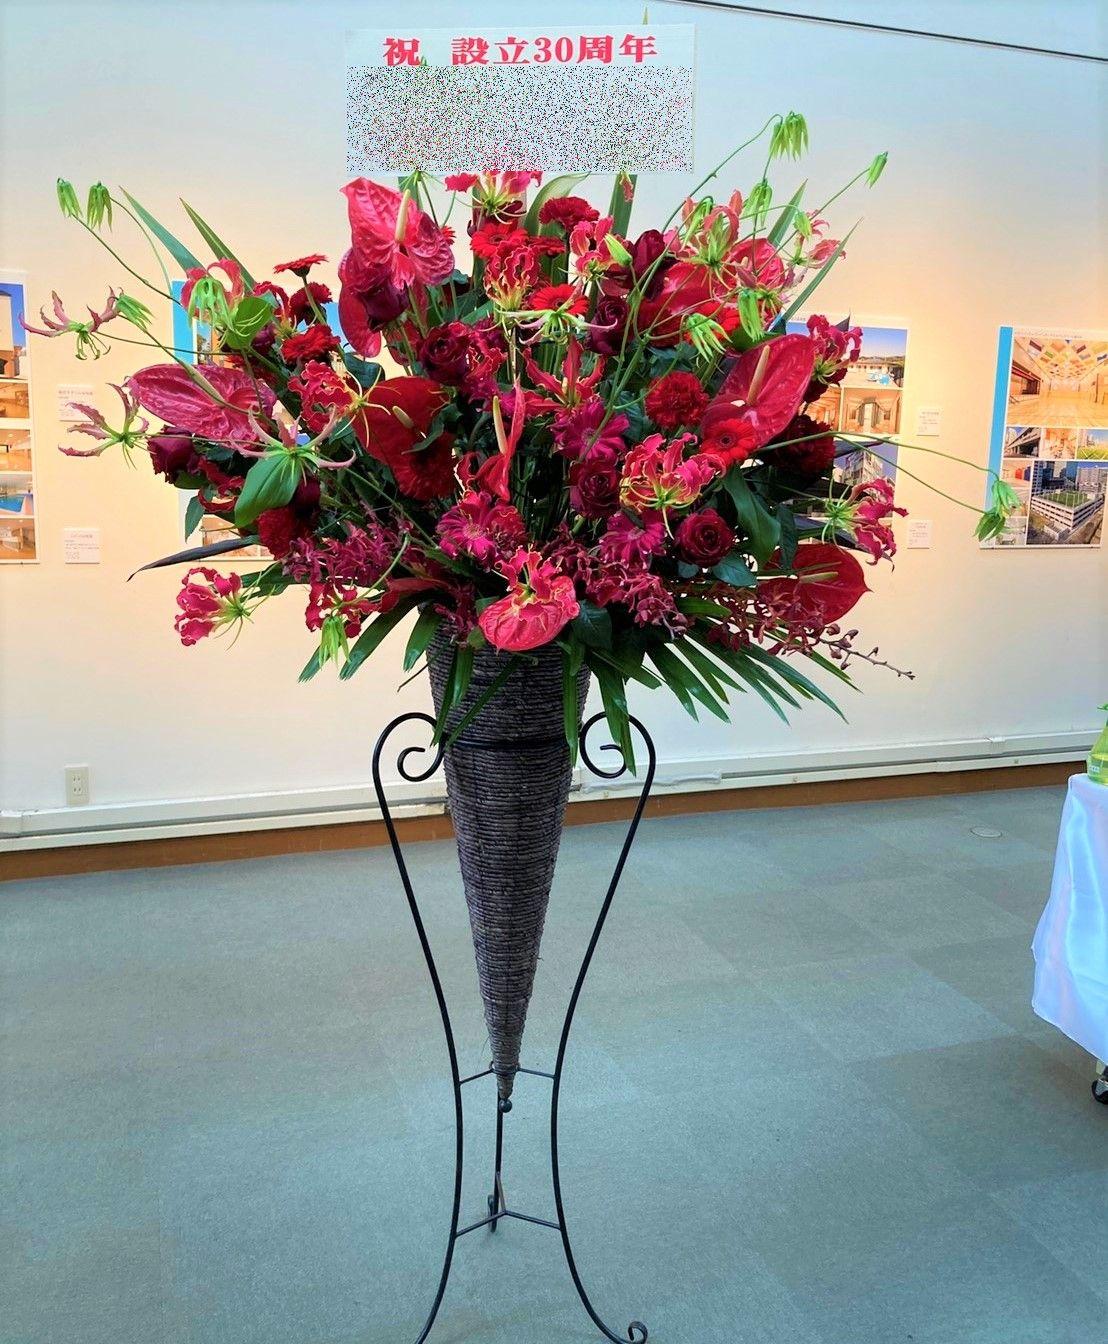 横浜市みなとみらいへスタンド花を即日当日配達しました。【横浜花屋の花束・スタンド花・胡蝶蘭・バルーン・アレンジメント配達事例914】